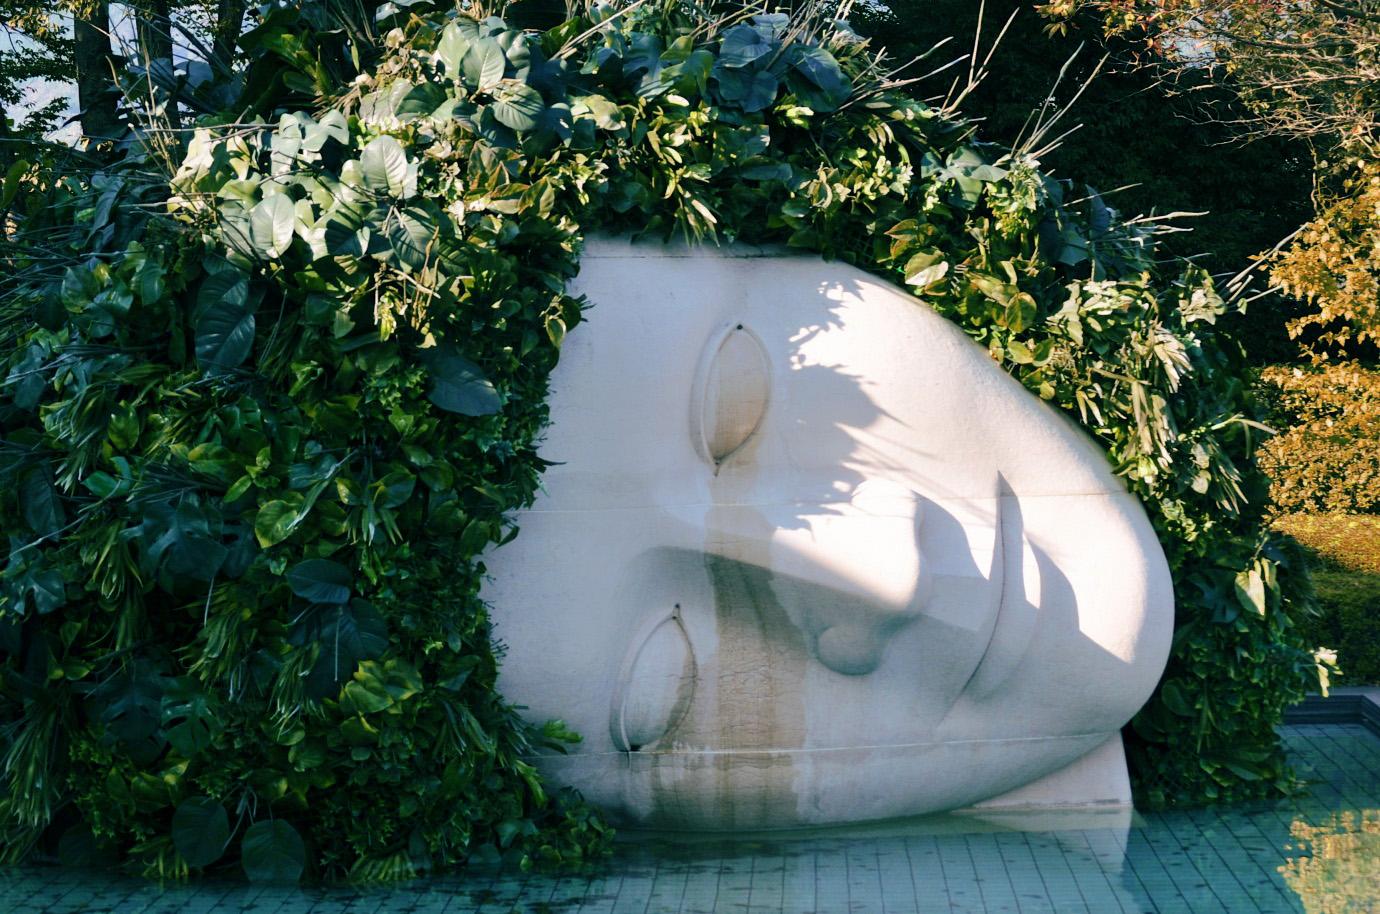 Галереи на природе: 10 классных скульптурных парков Галереи на природе: 10 классных скульптурных парков Hakone